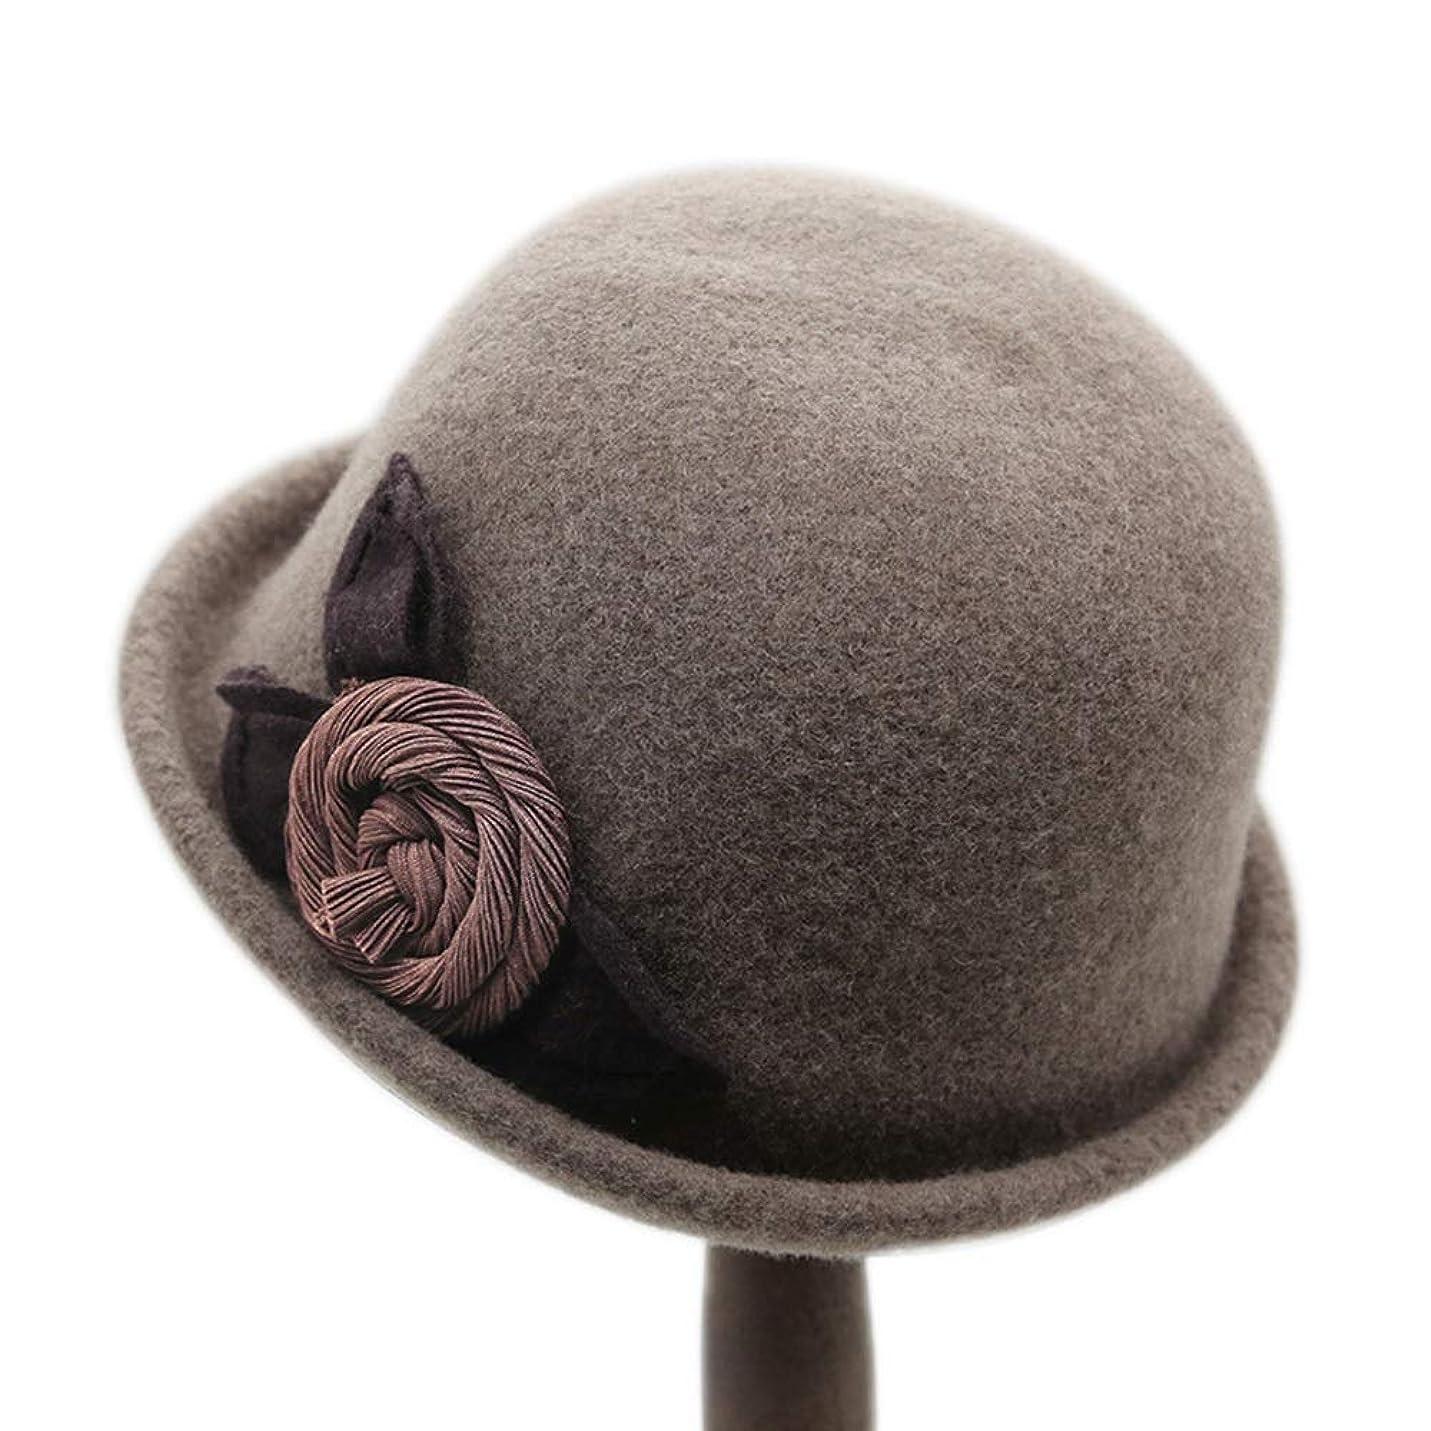 忠実に自明電話に出るZXF ブラウンカール帽子、女性のウールの帽子、女性の秋と冬のレトロファッションハット 柔らかい?軟らかい